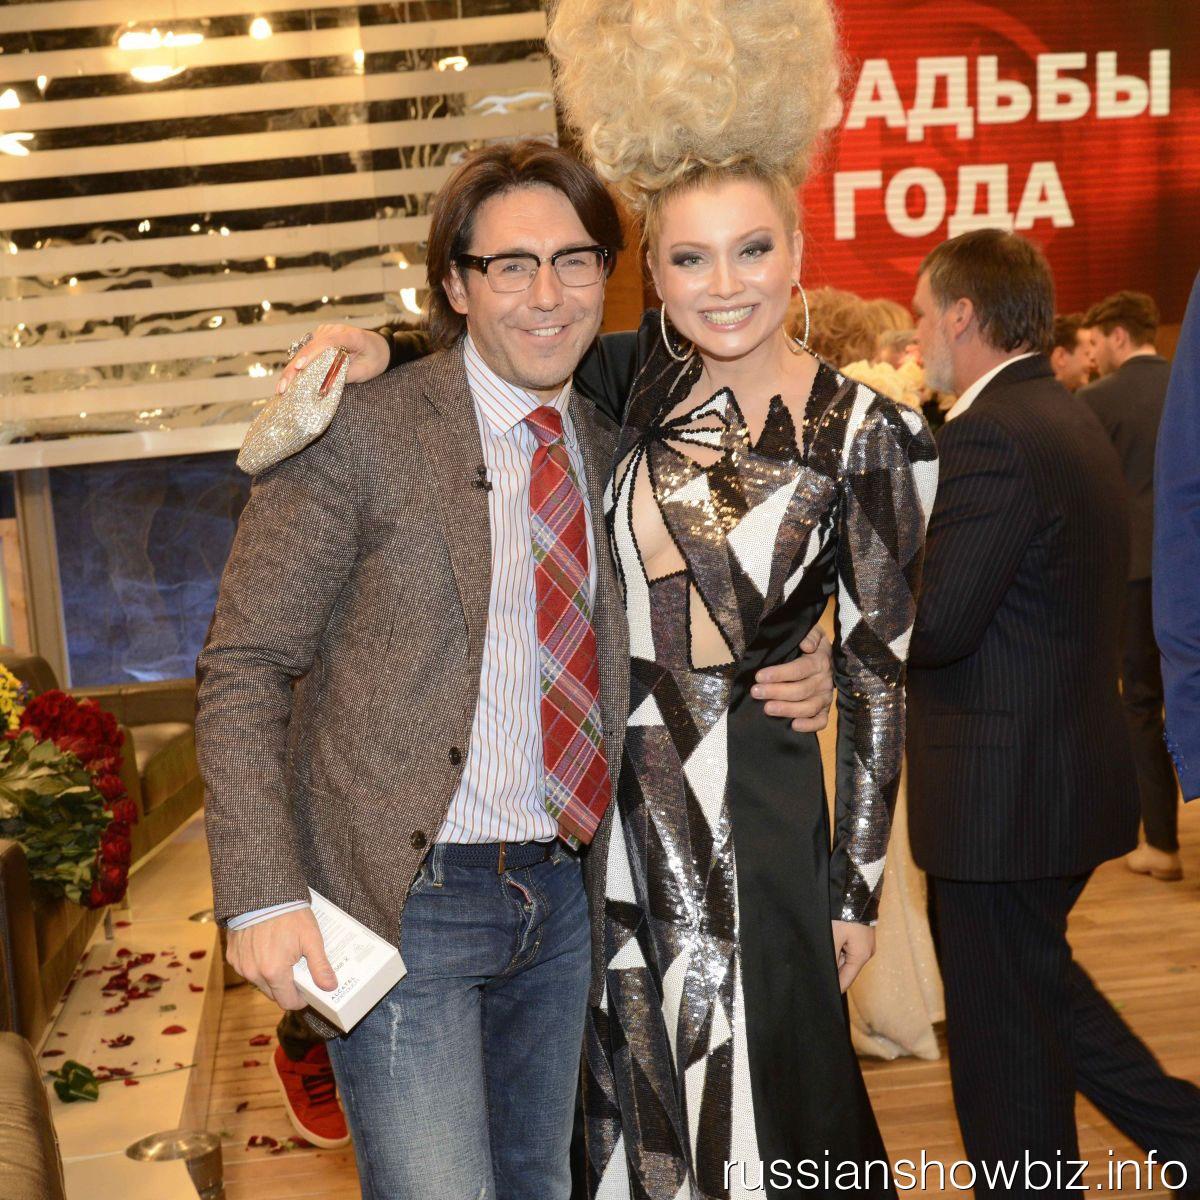 Андрей Малахов и Лена Ленина